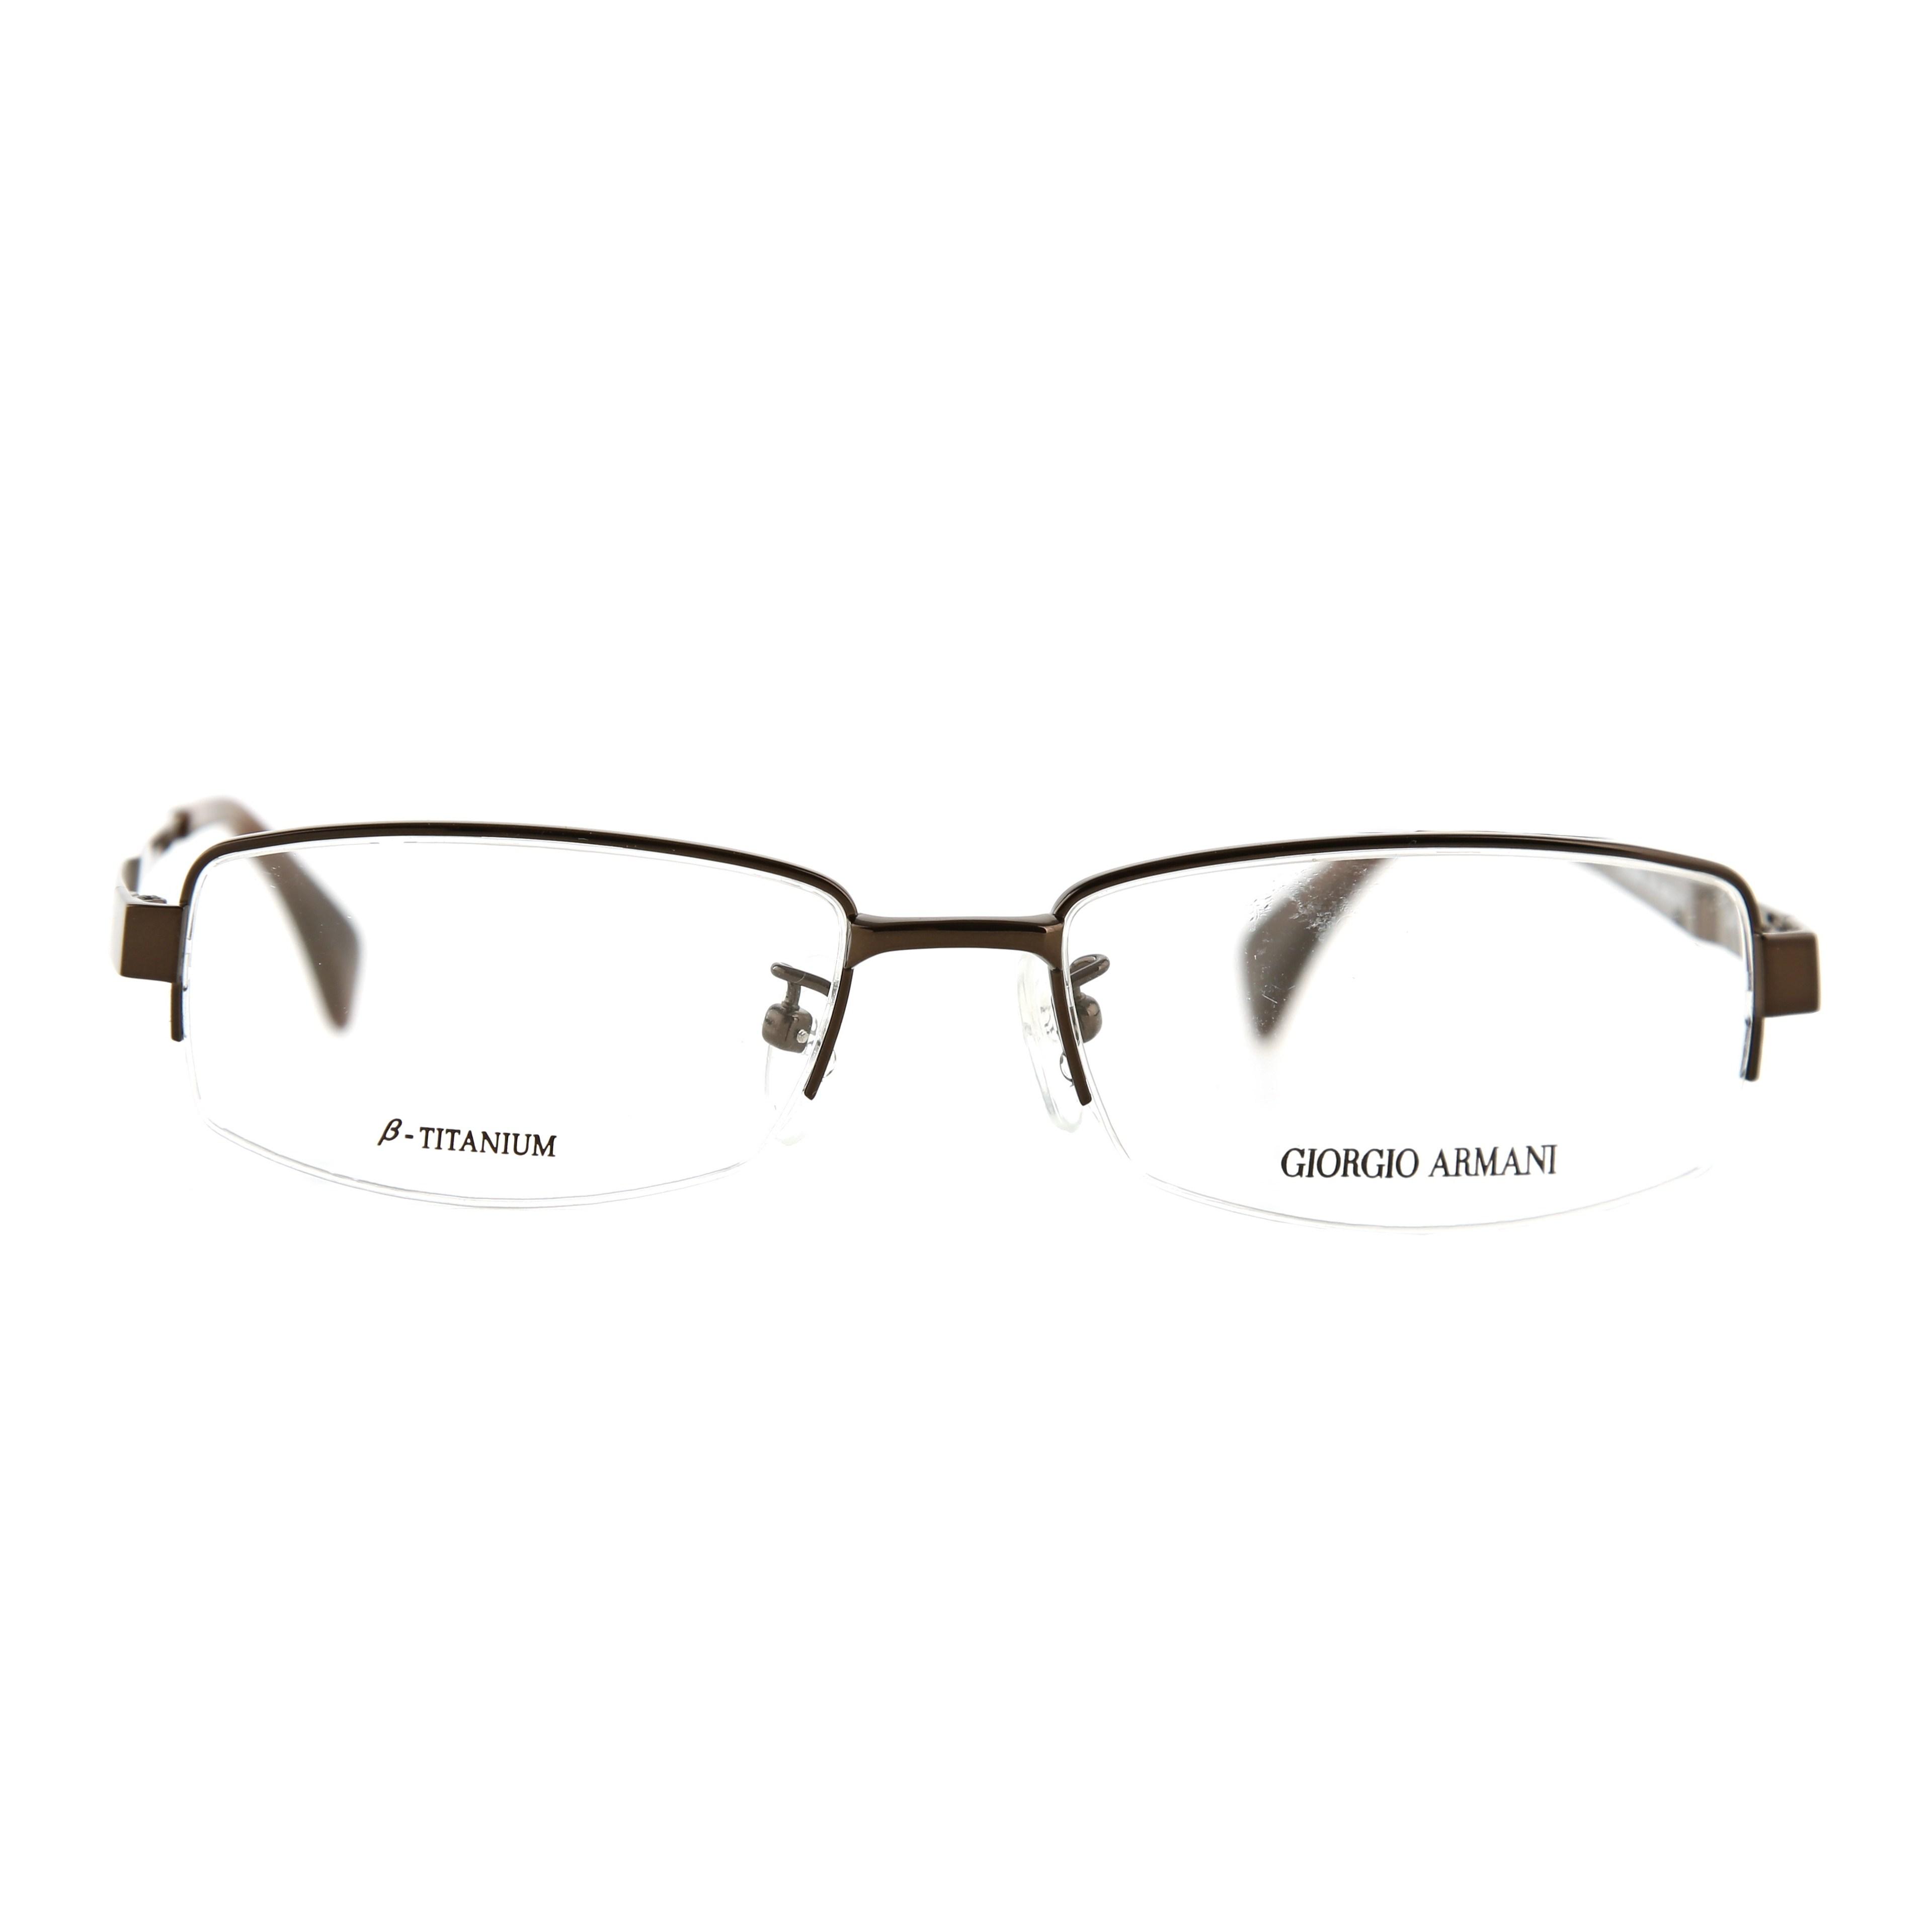 [리퍼브] 조르지오 아르마니 GA2666J 베타티타늄 안경테